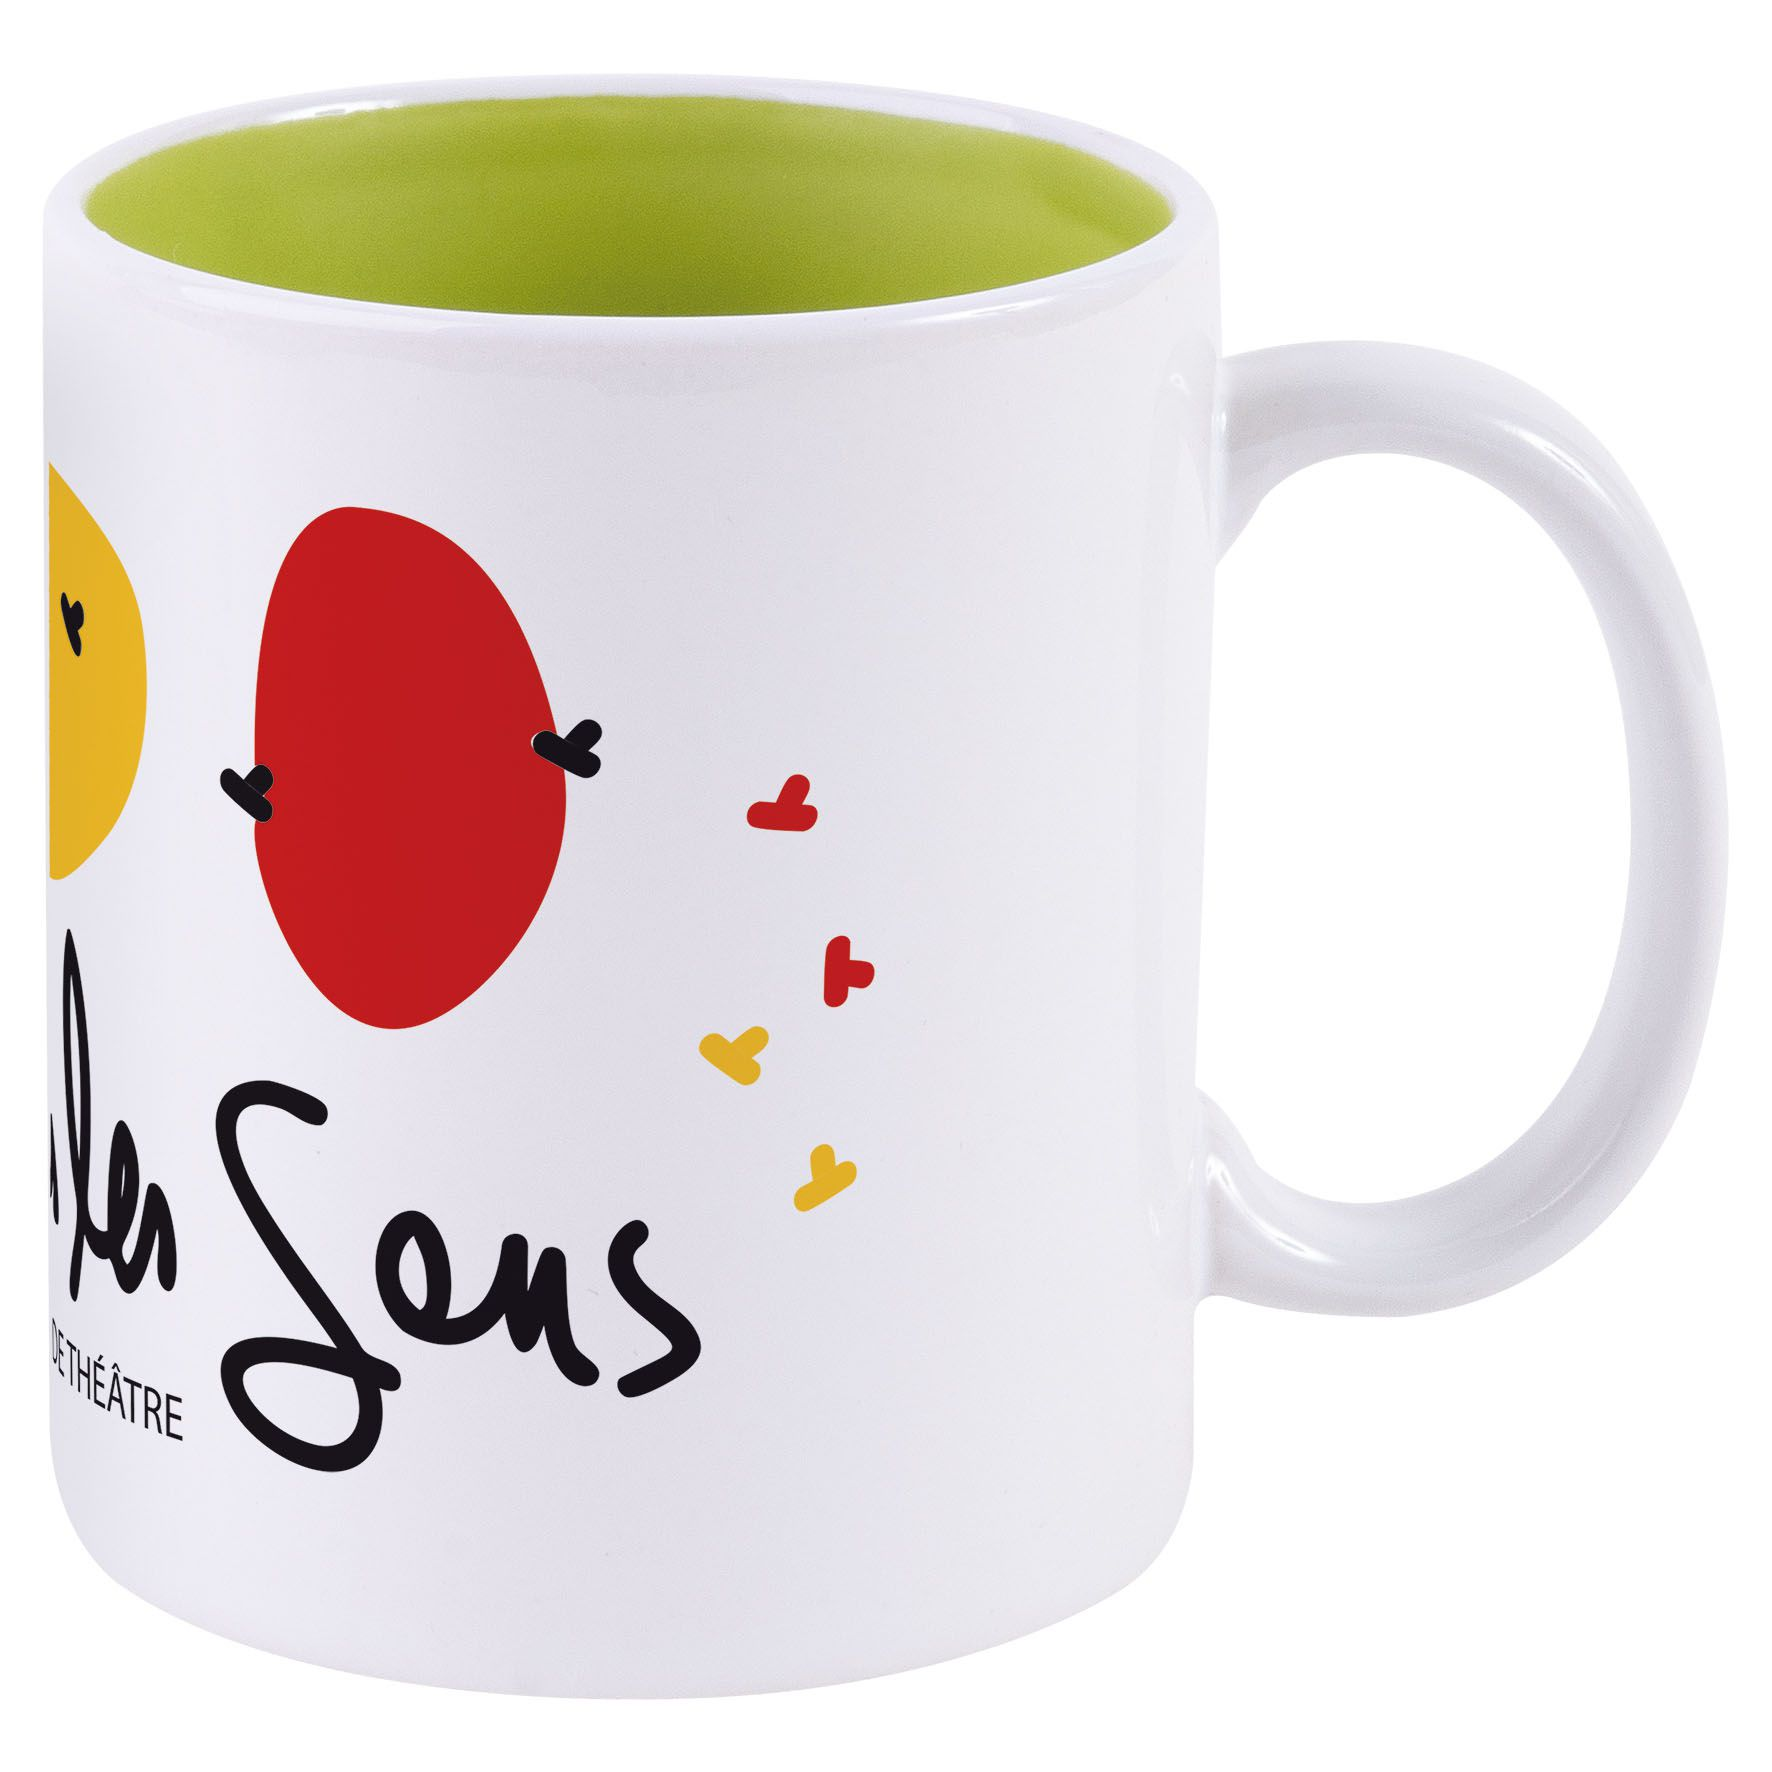 Objet publicitaire - Mug publicitaire Bicolore pour sublimation 31 cl